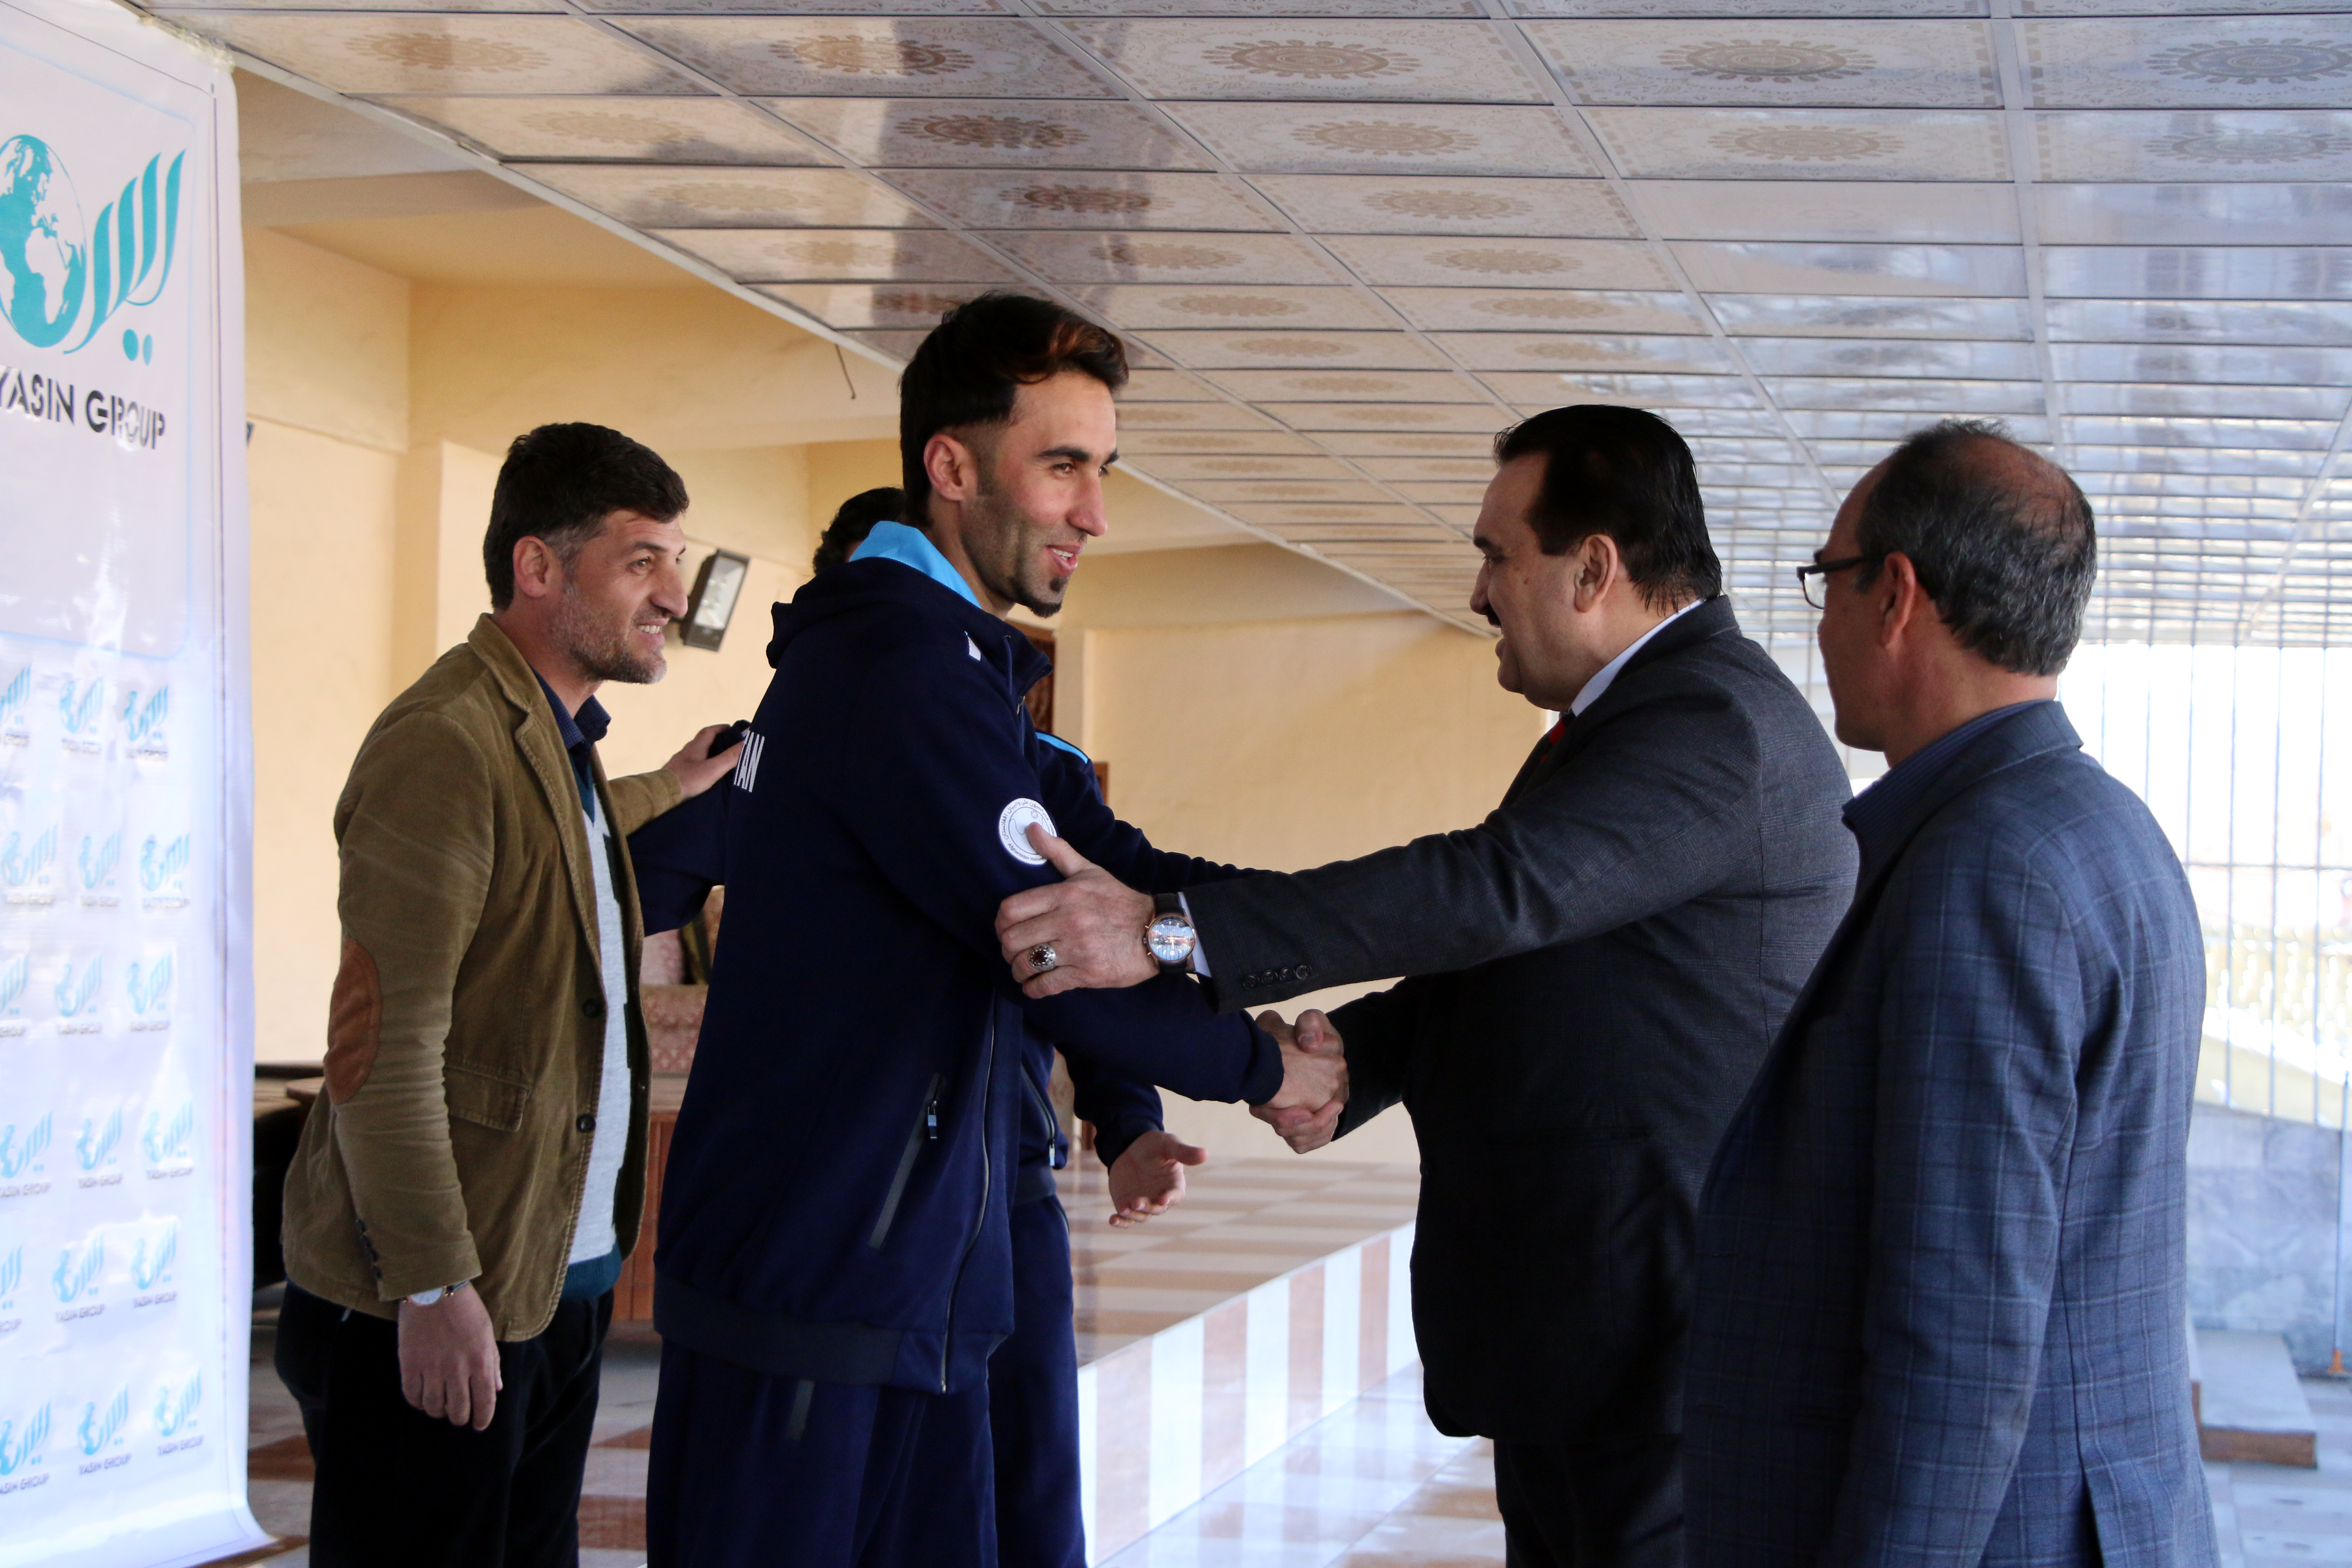 اردوگاه تمرینی بلند قامتان افغانستان در جمهوری اسلامی ایران فدراسیون ملی والیبال افغانستان